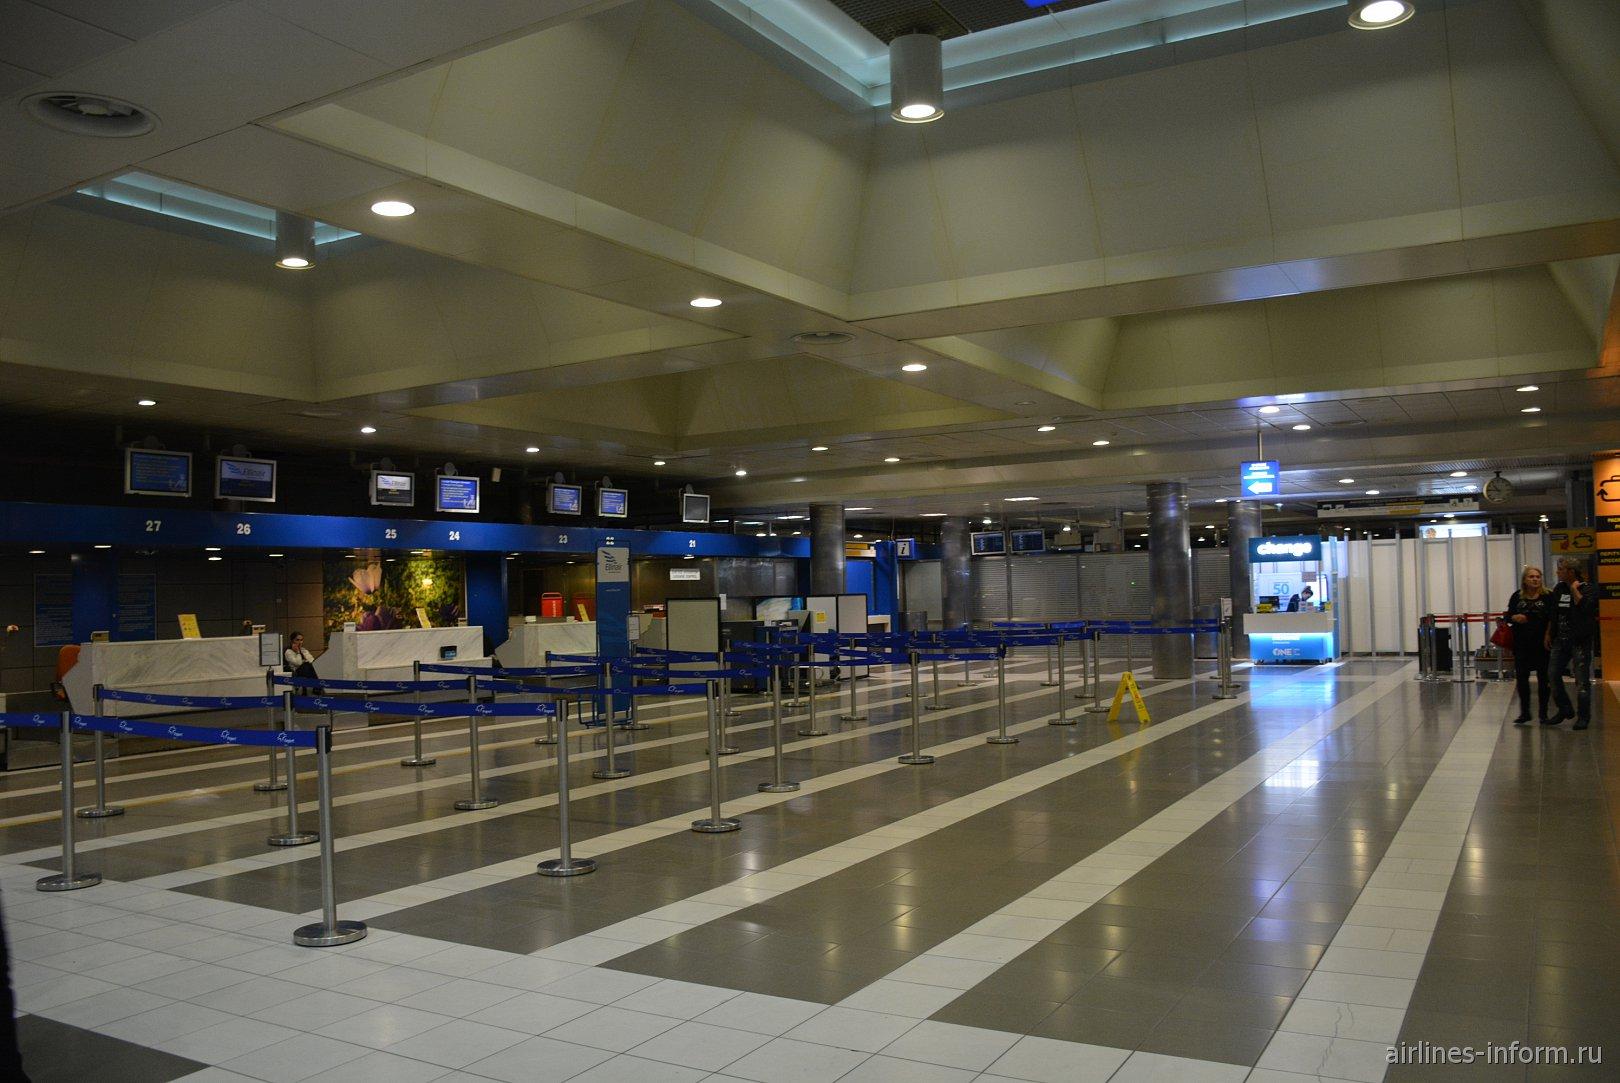 Стойки регистрации на рейсы авиакомпании Ellinair в аэропорту Салоники Македония